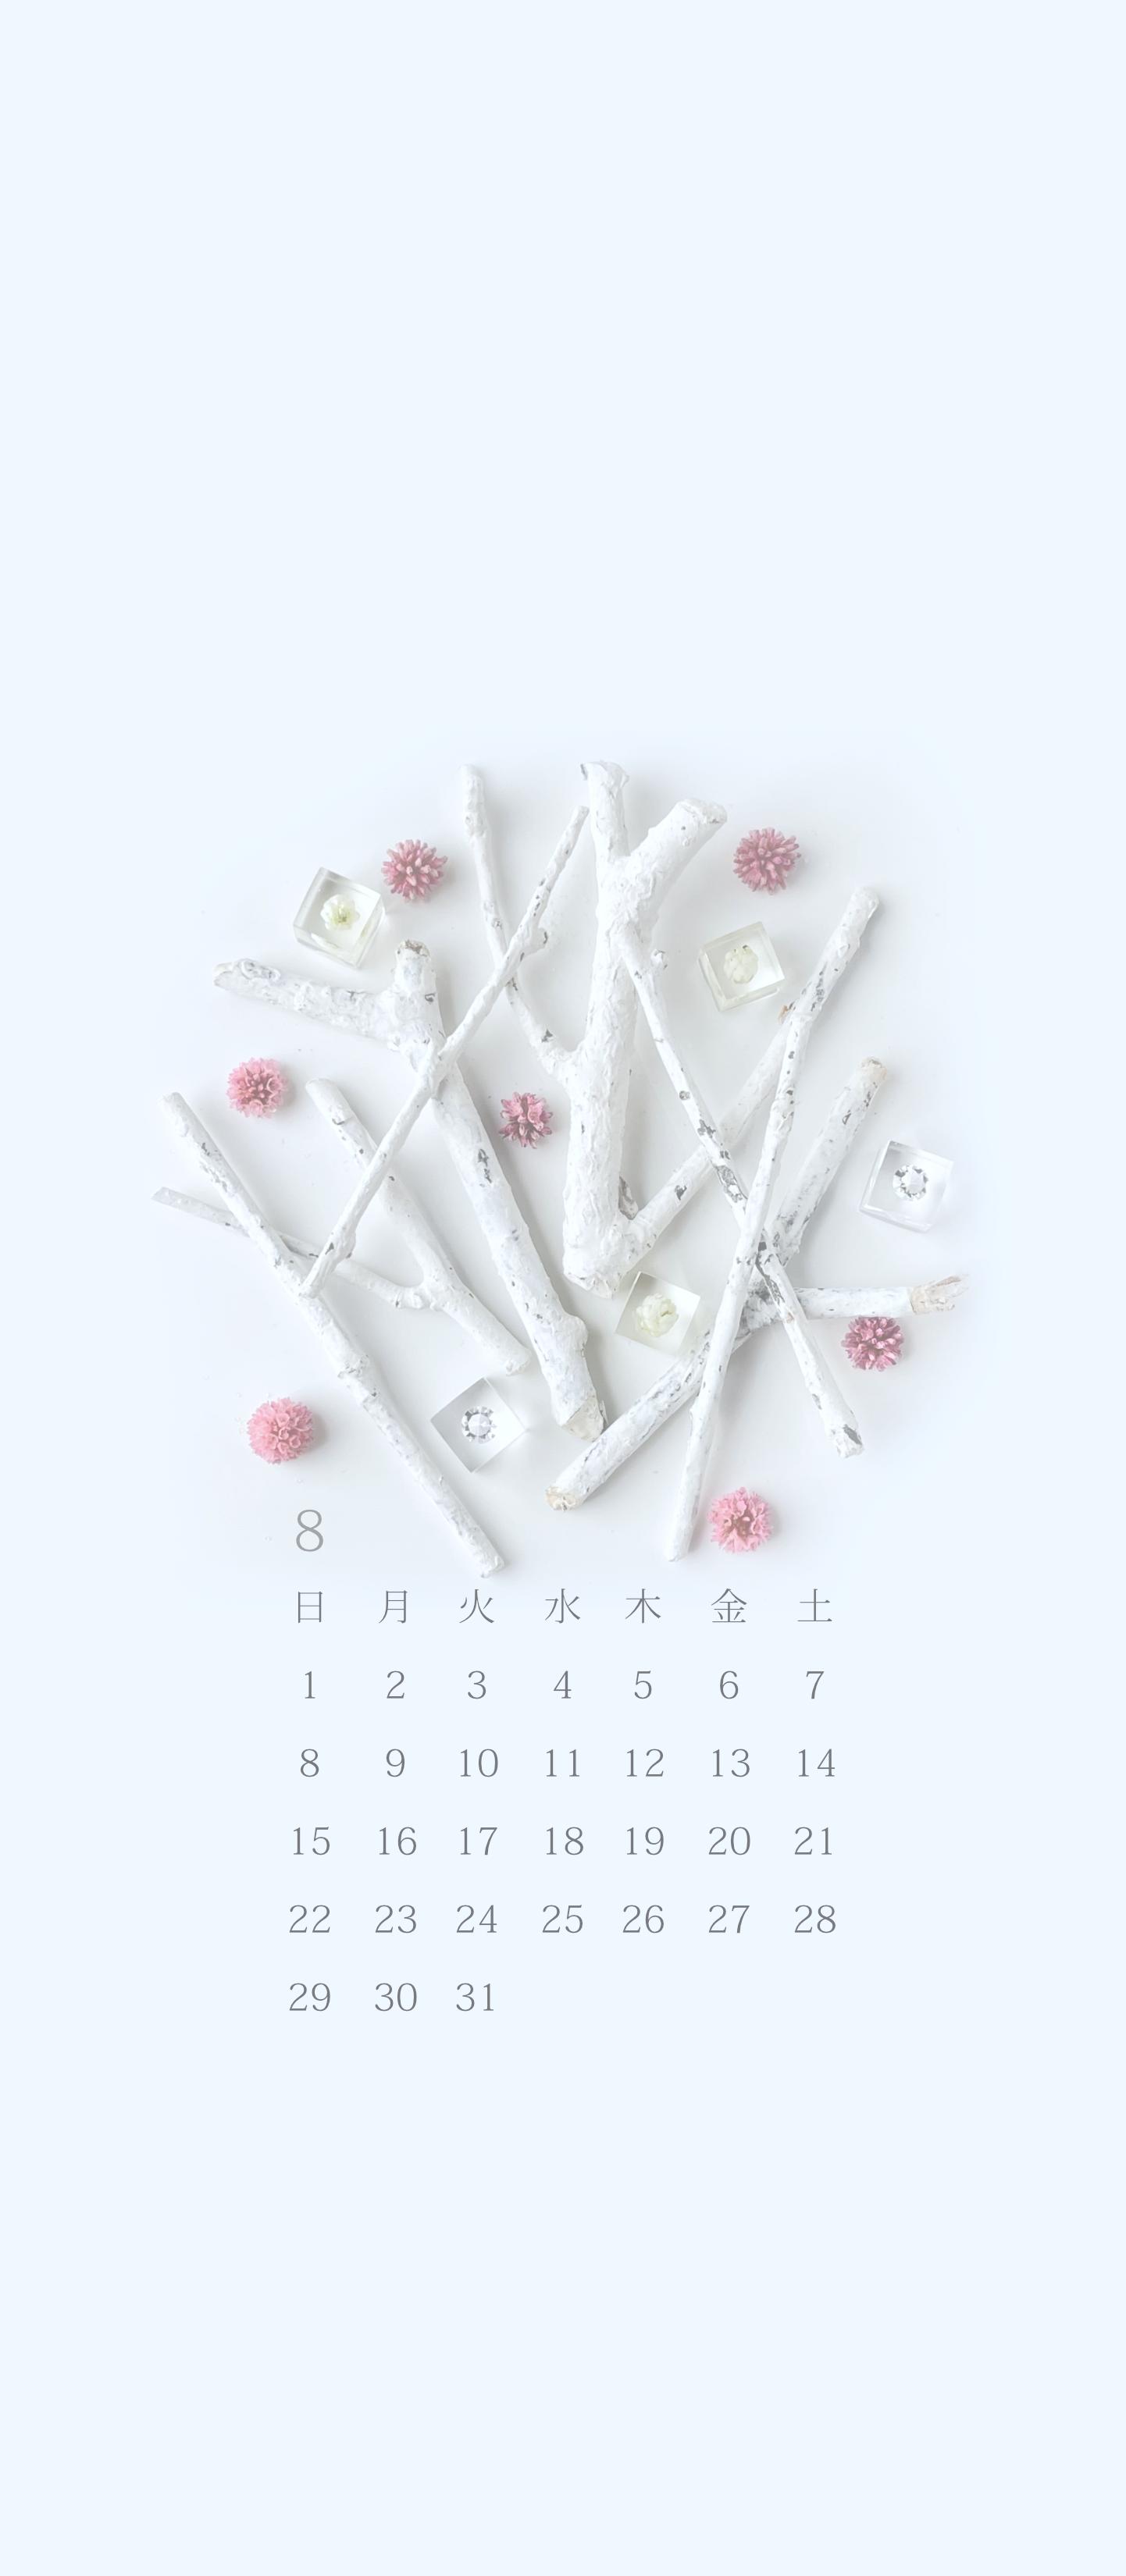 無料ロック画面カレンダー 「8月 ヒメツルソバ」